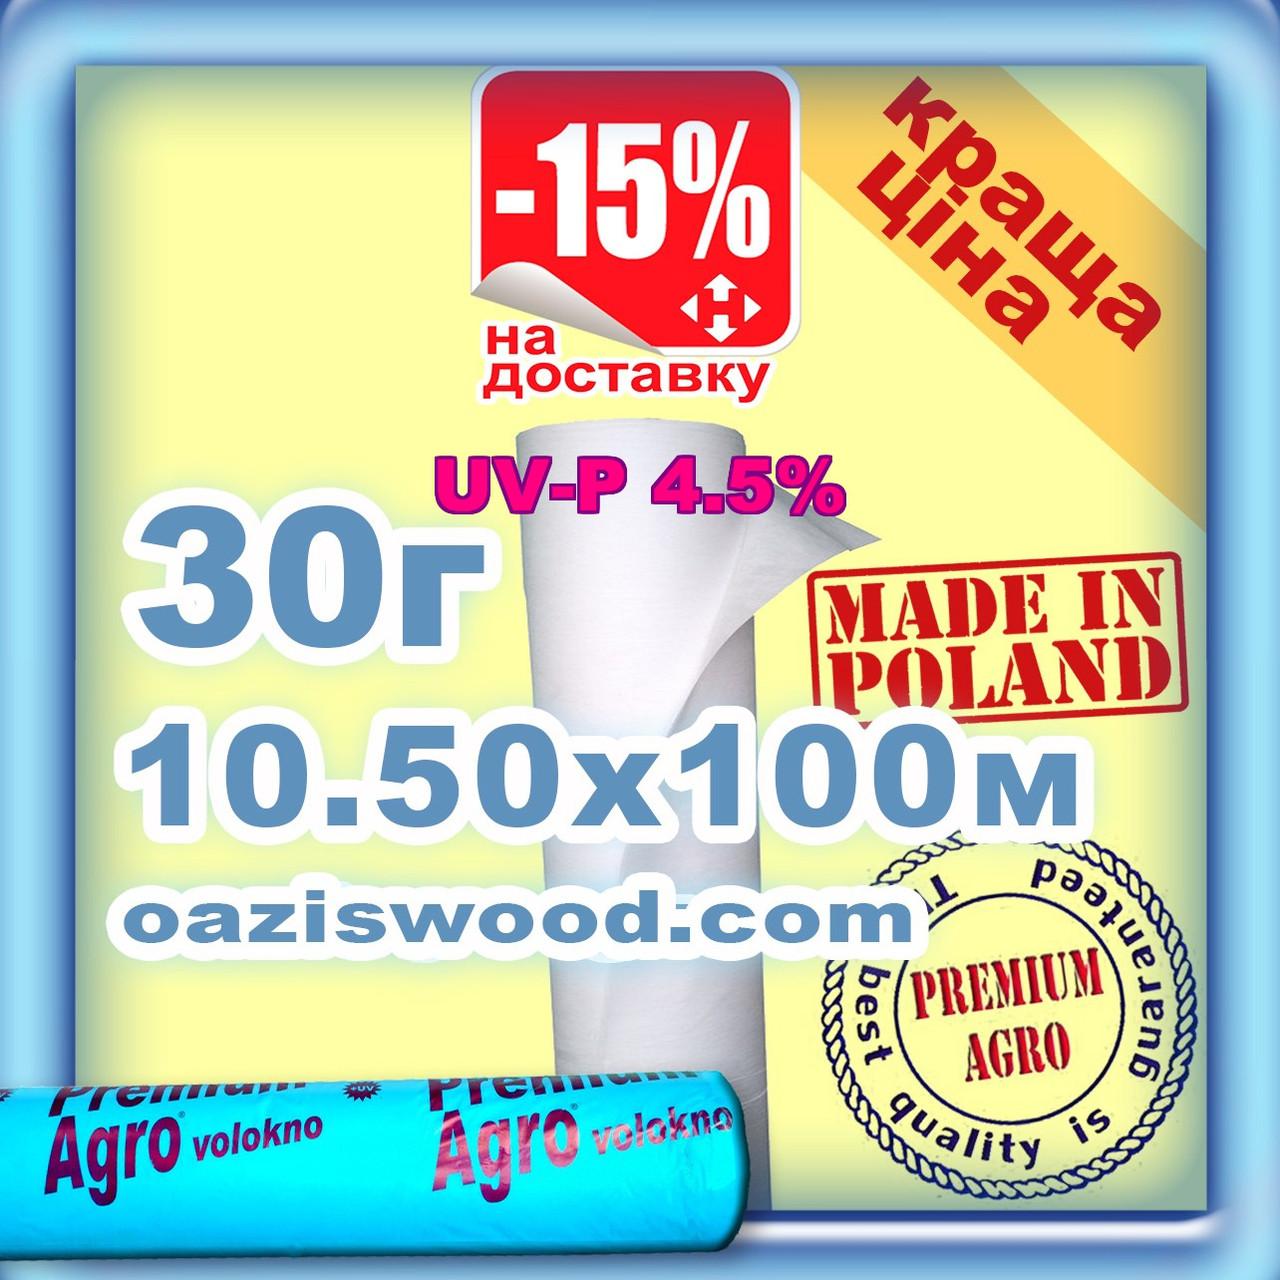 Агроволокно р-30g 10.5*100м белое UV-P 4.5% Premium-Agro Польша